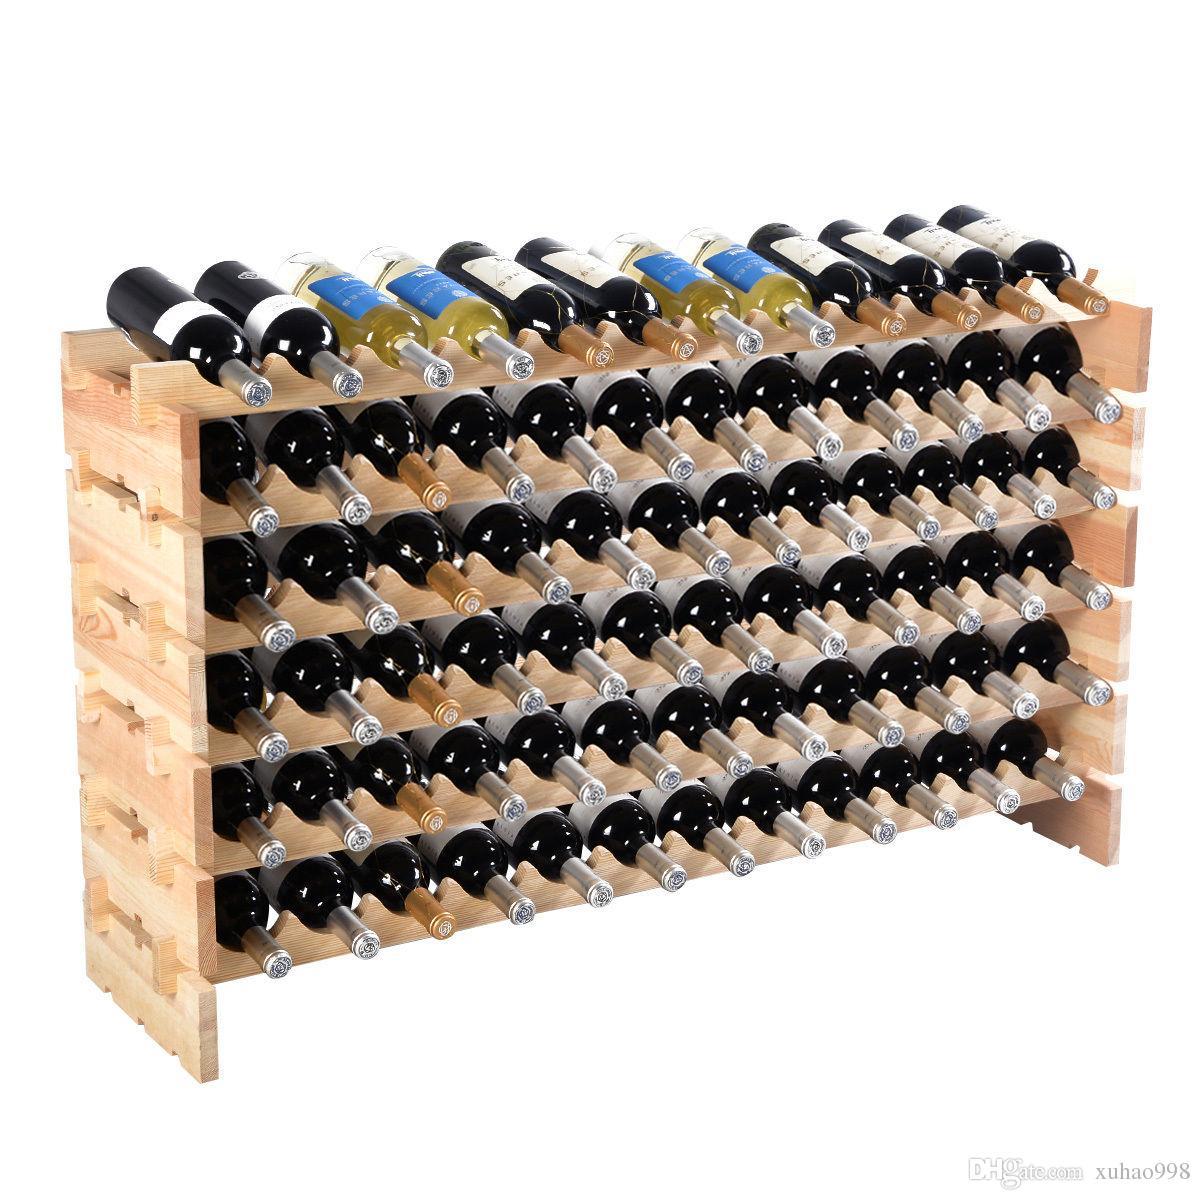 Nuevo 72 Botella de vino de madera en rack de almacenamiento apilable 6 nivel de almacenamiento estantes de exhibición